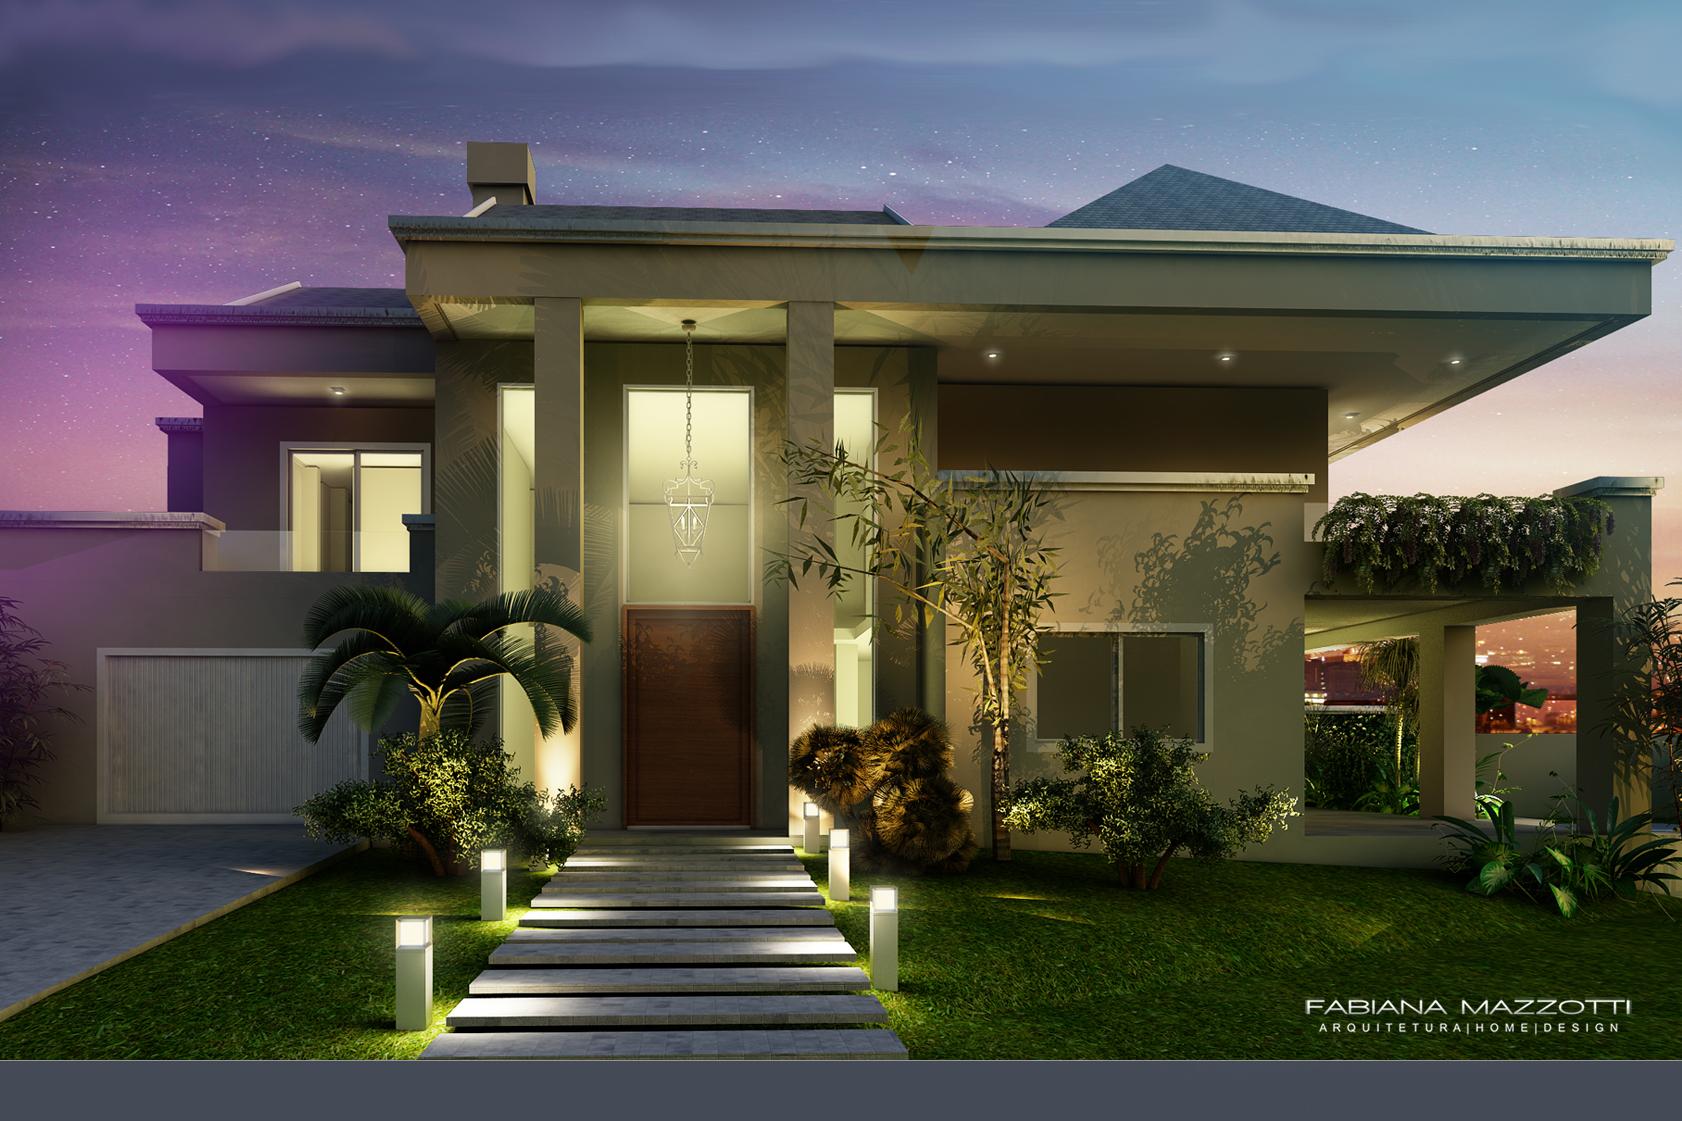 Casa mans o com piscina fabiana mazzotti arquiteta for Fotos de casas modernas brasileiras